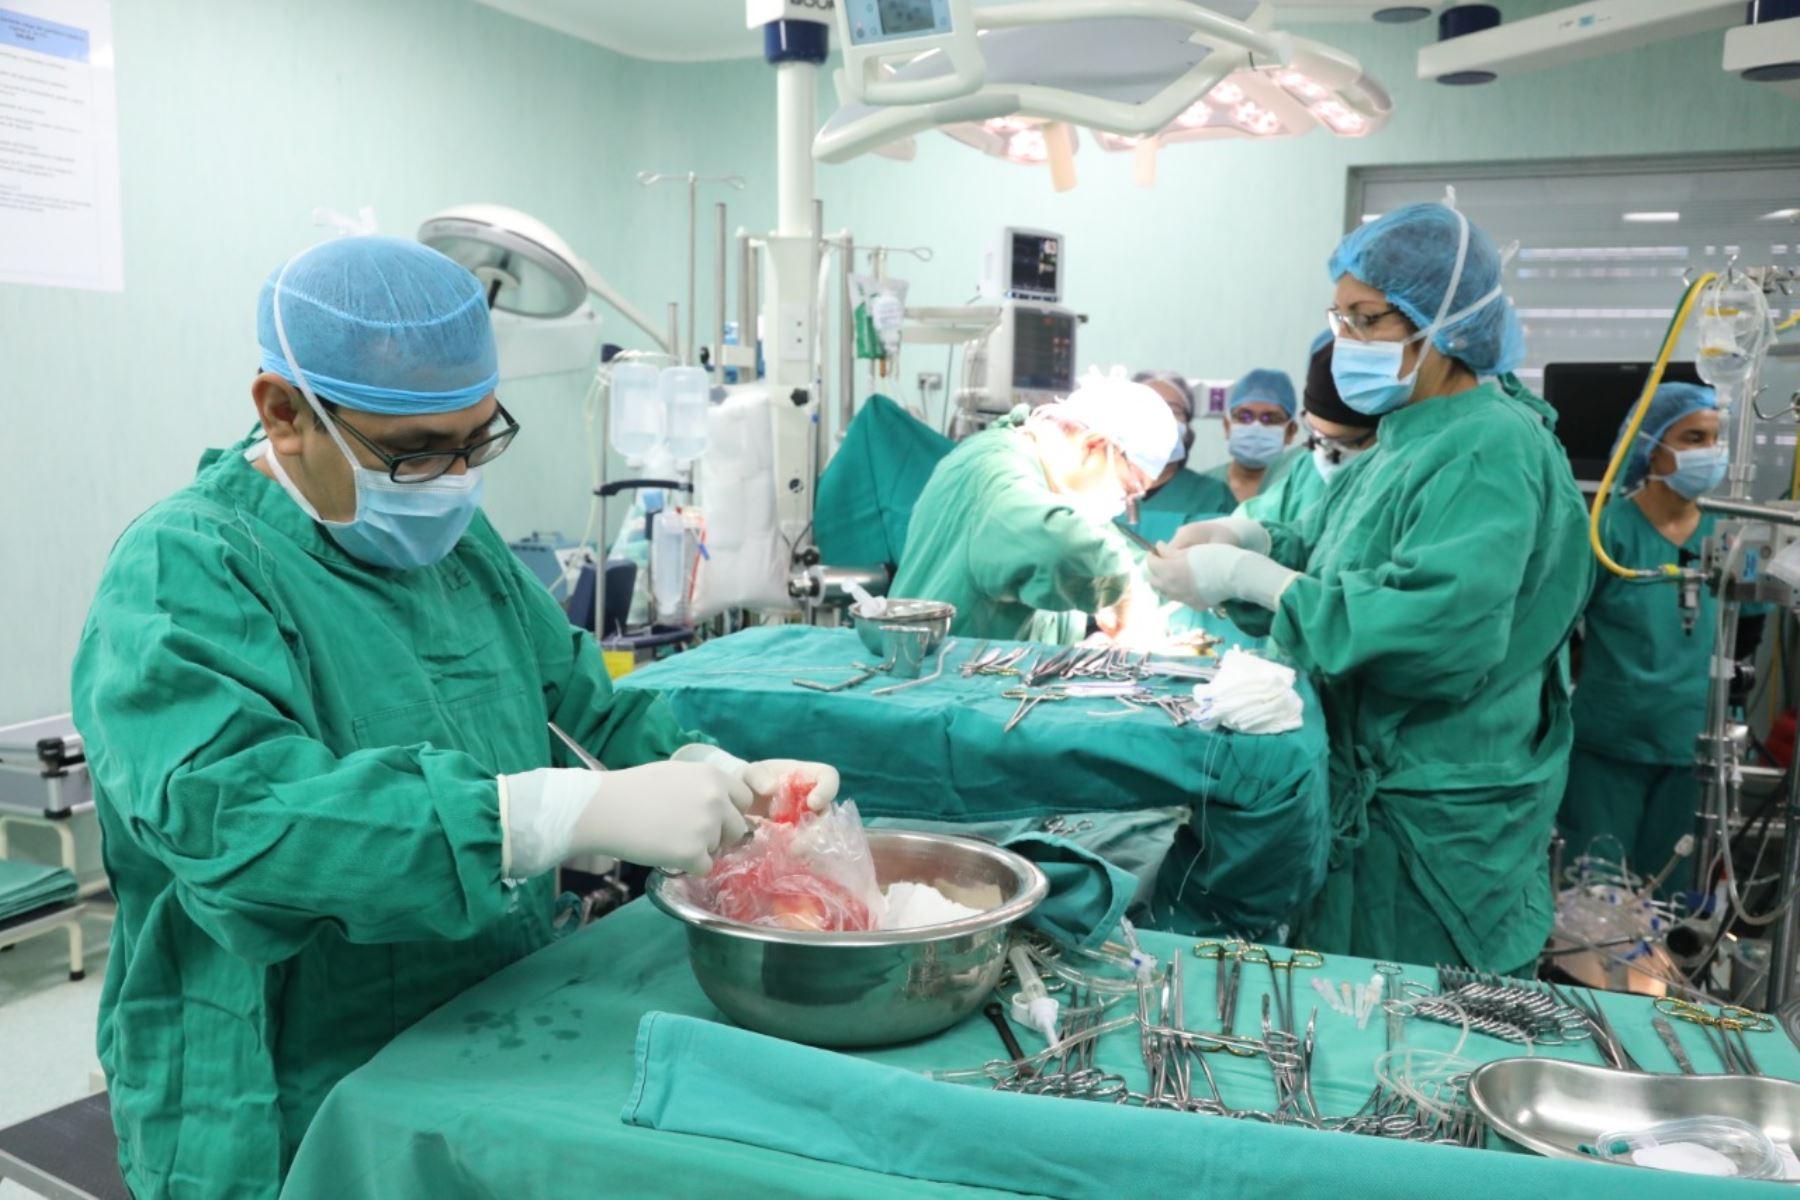 El órgano fue trasplantado a José Martín Mendoza Rojas, paciente de 69 años, quien sufre de angina de pecho desde los 37 años y se encontraba en 'lista de espera' para recibir esta donación desde abril de 2017. Foto: ANDINA/Difusión